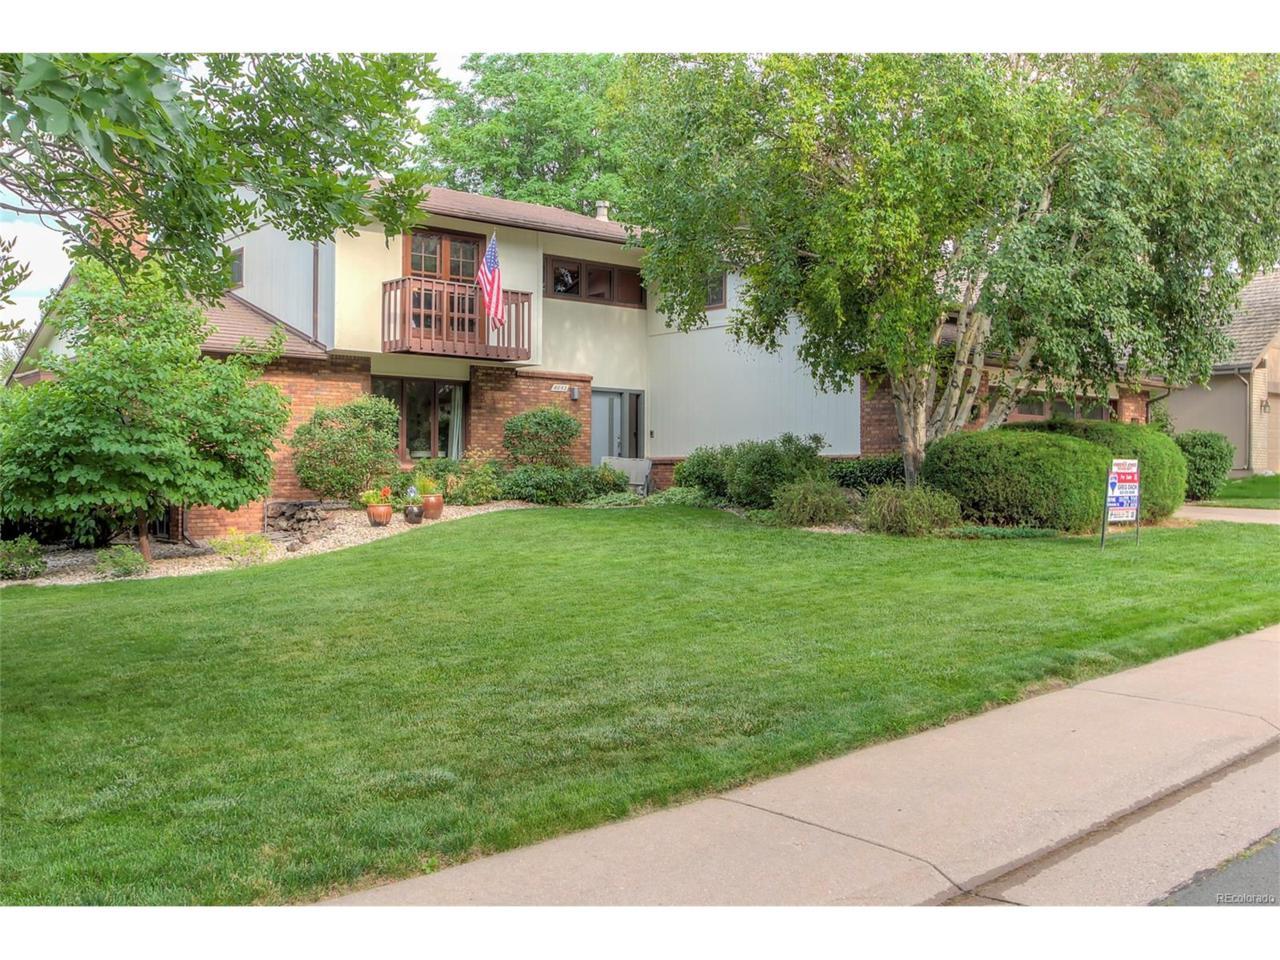 8052 S Vance Street, Littleton, CO 80128 (MLS #1619789) :: 8z Real Estate